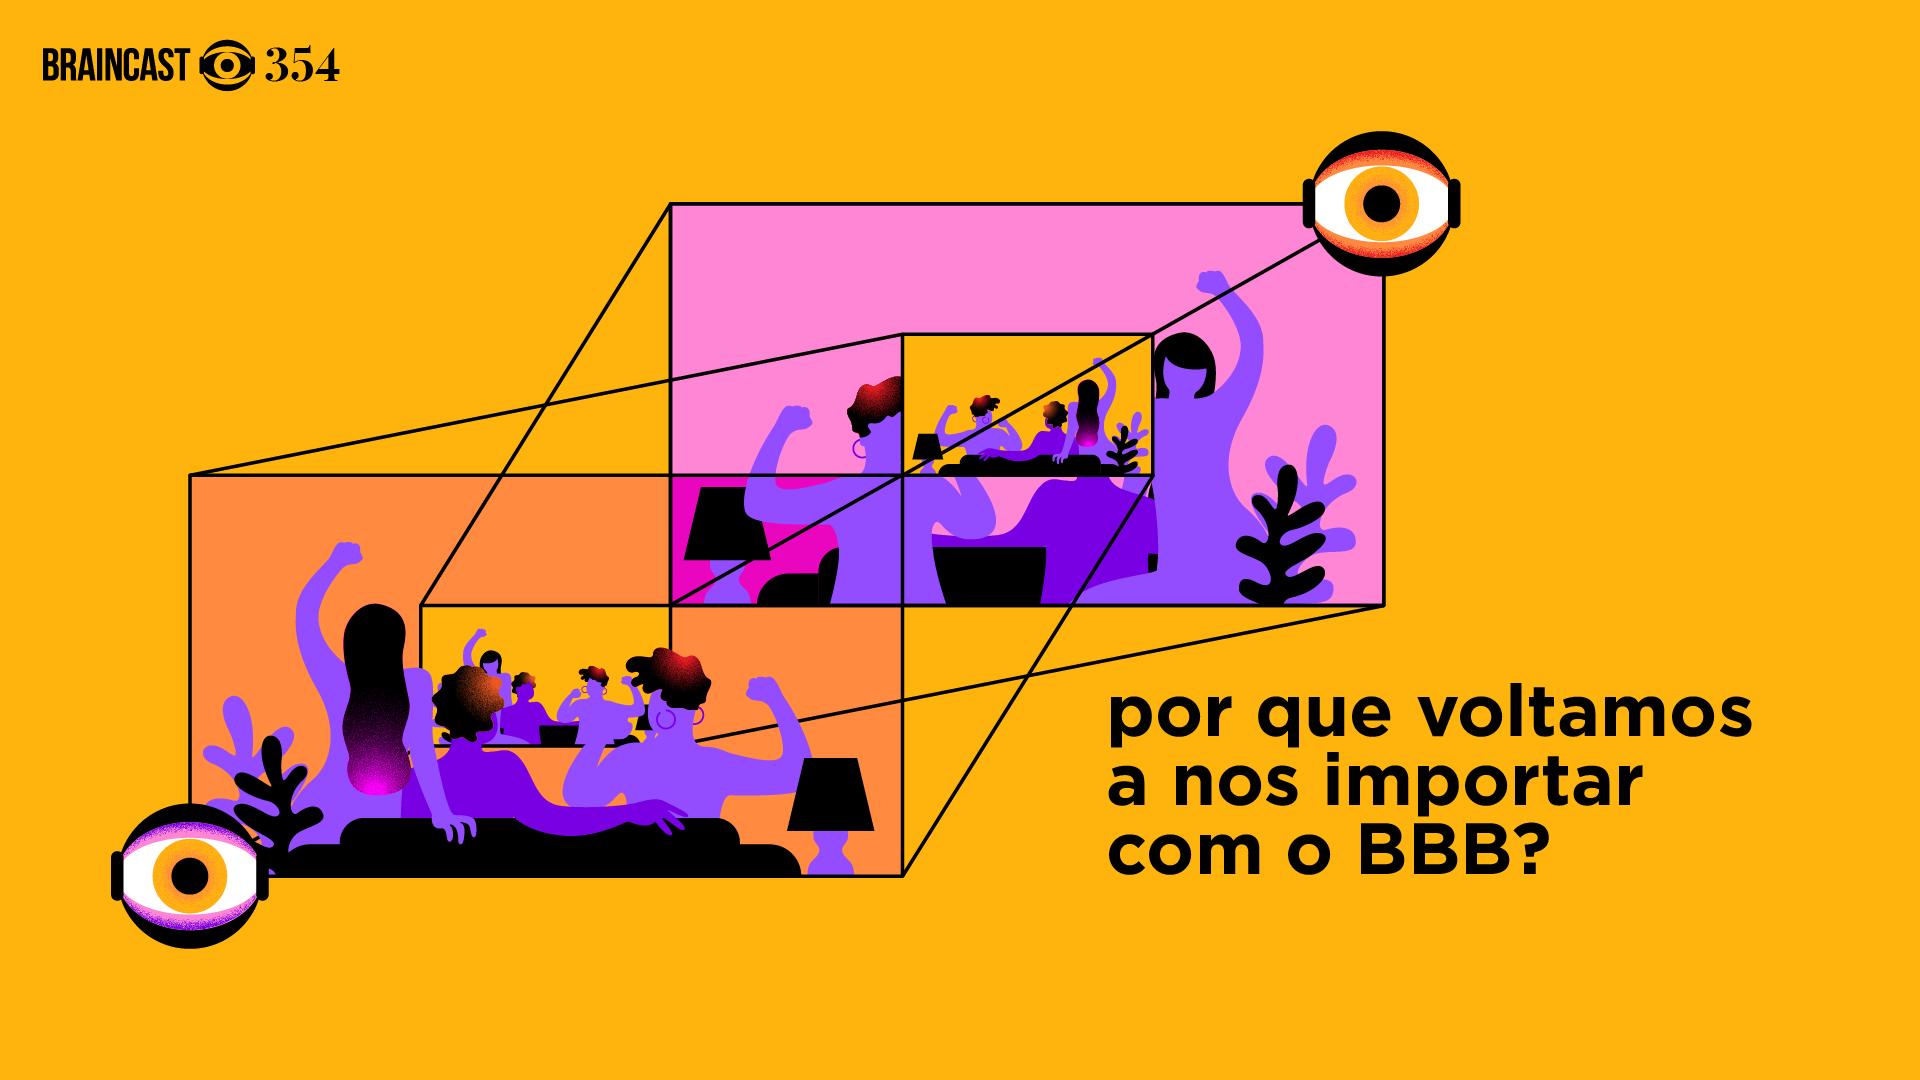 Braincast 354 – Por que voltamos a nos importar com o BBB?